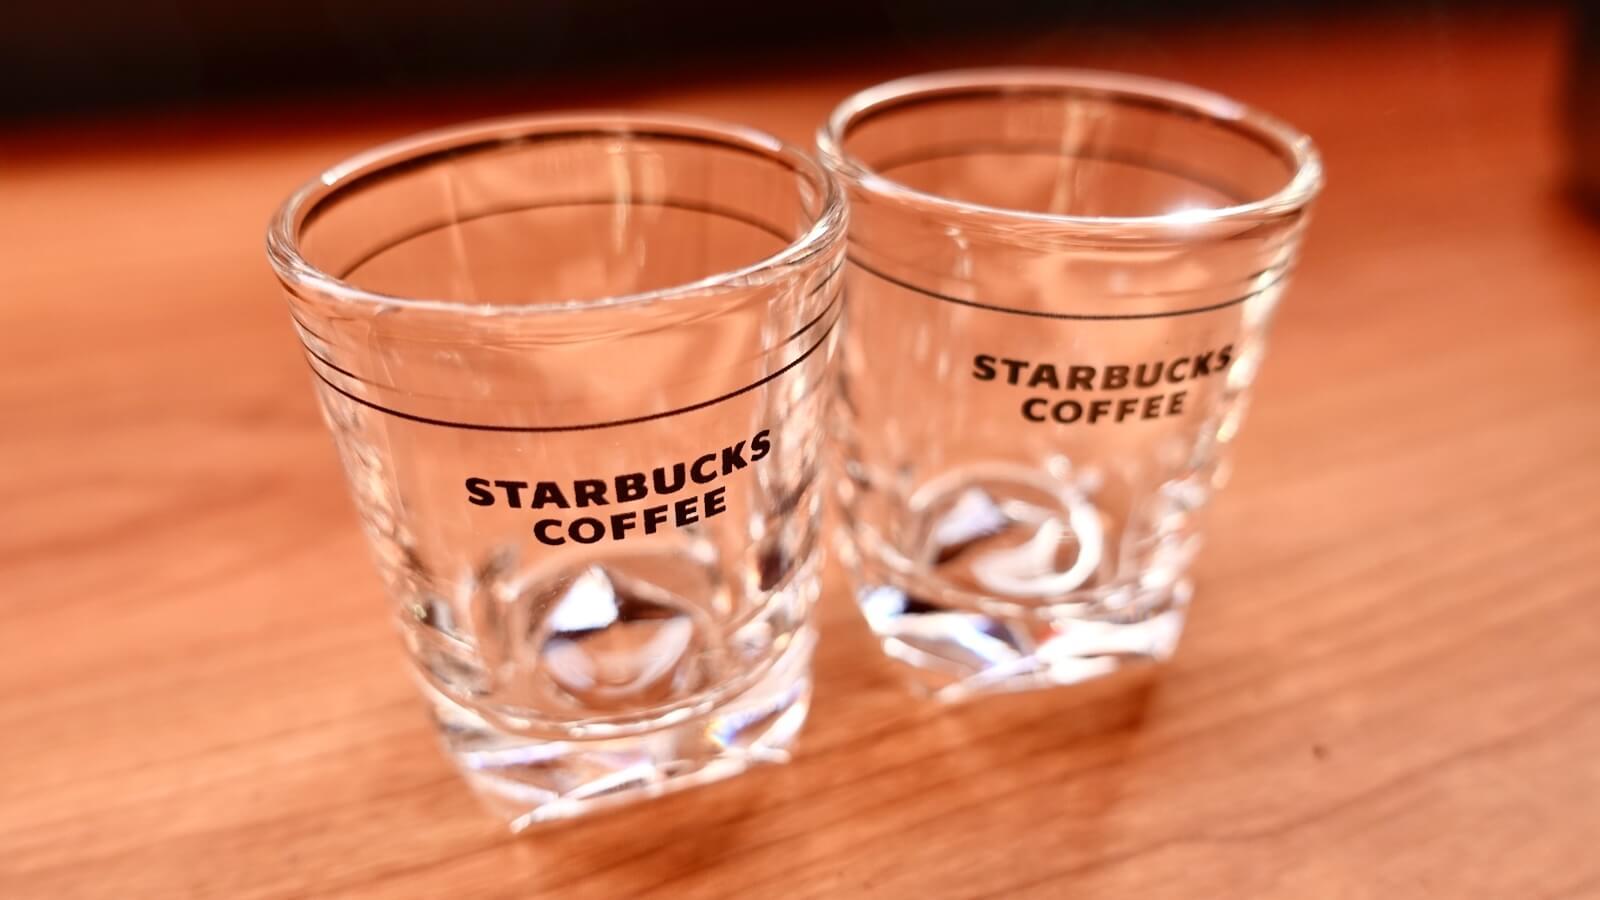 Starbucks Espresso Kit 1oz 2 Shot Glasses